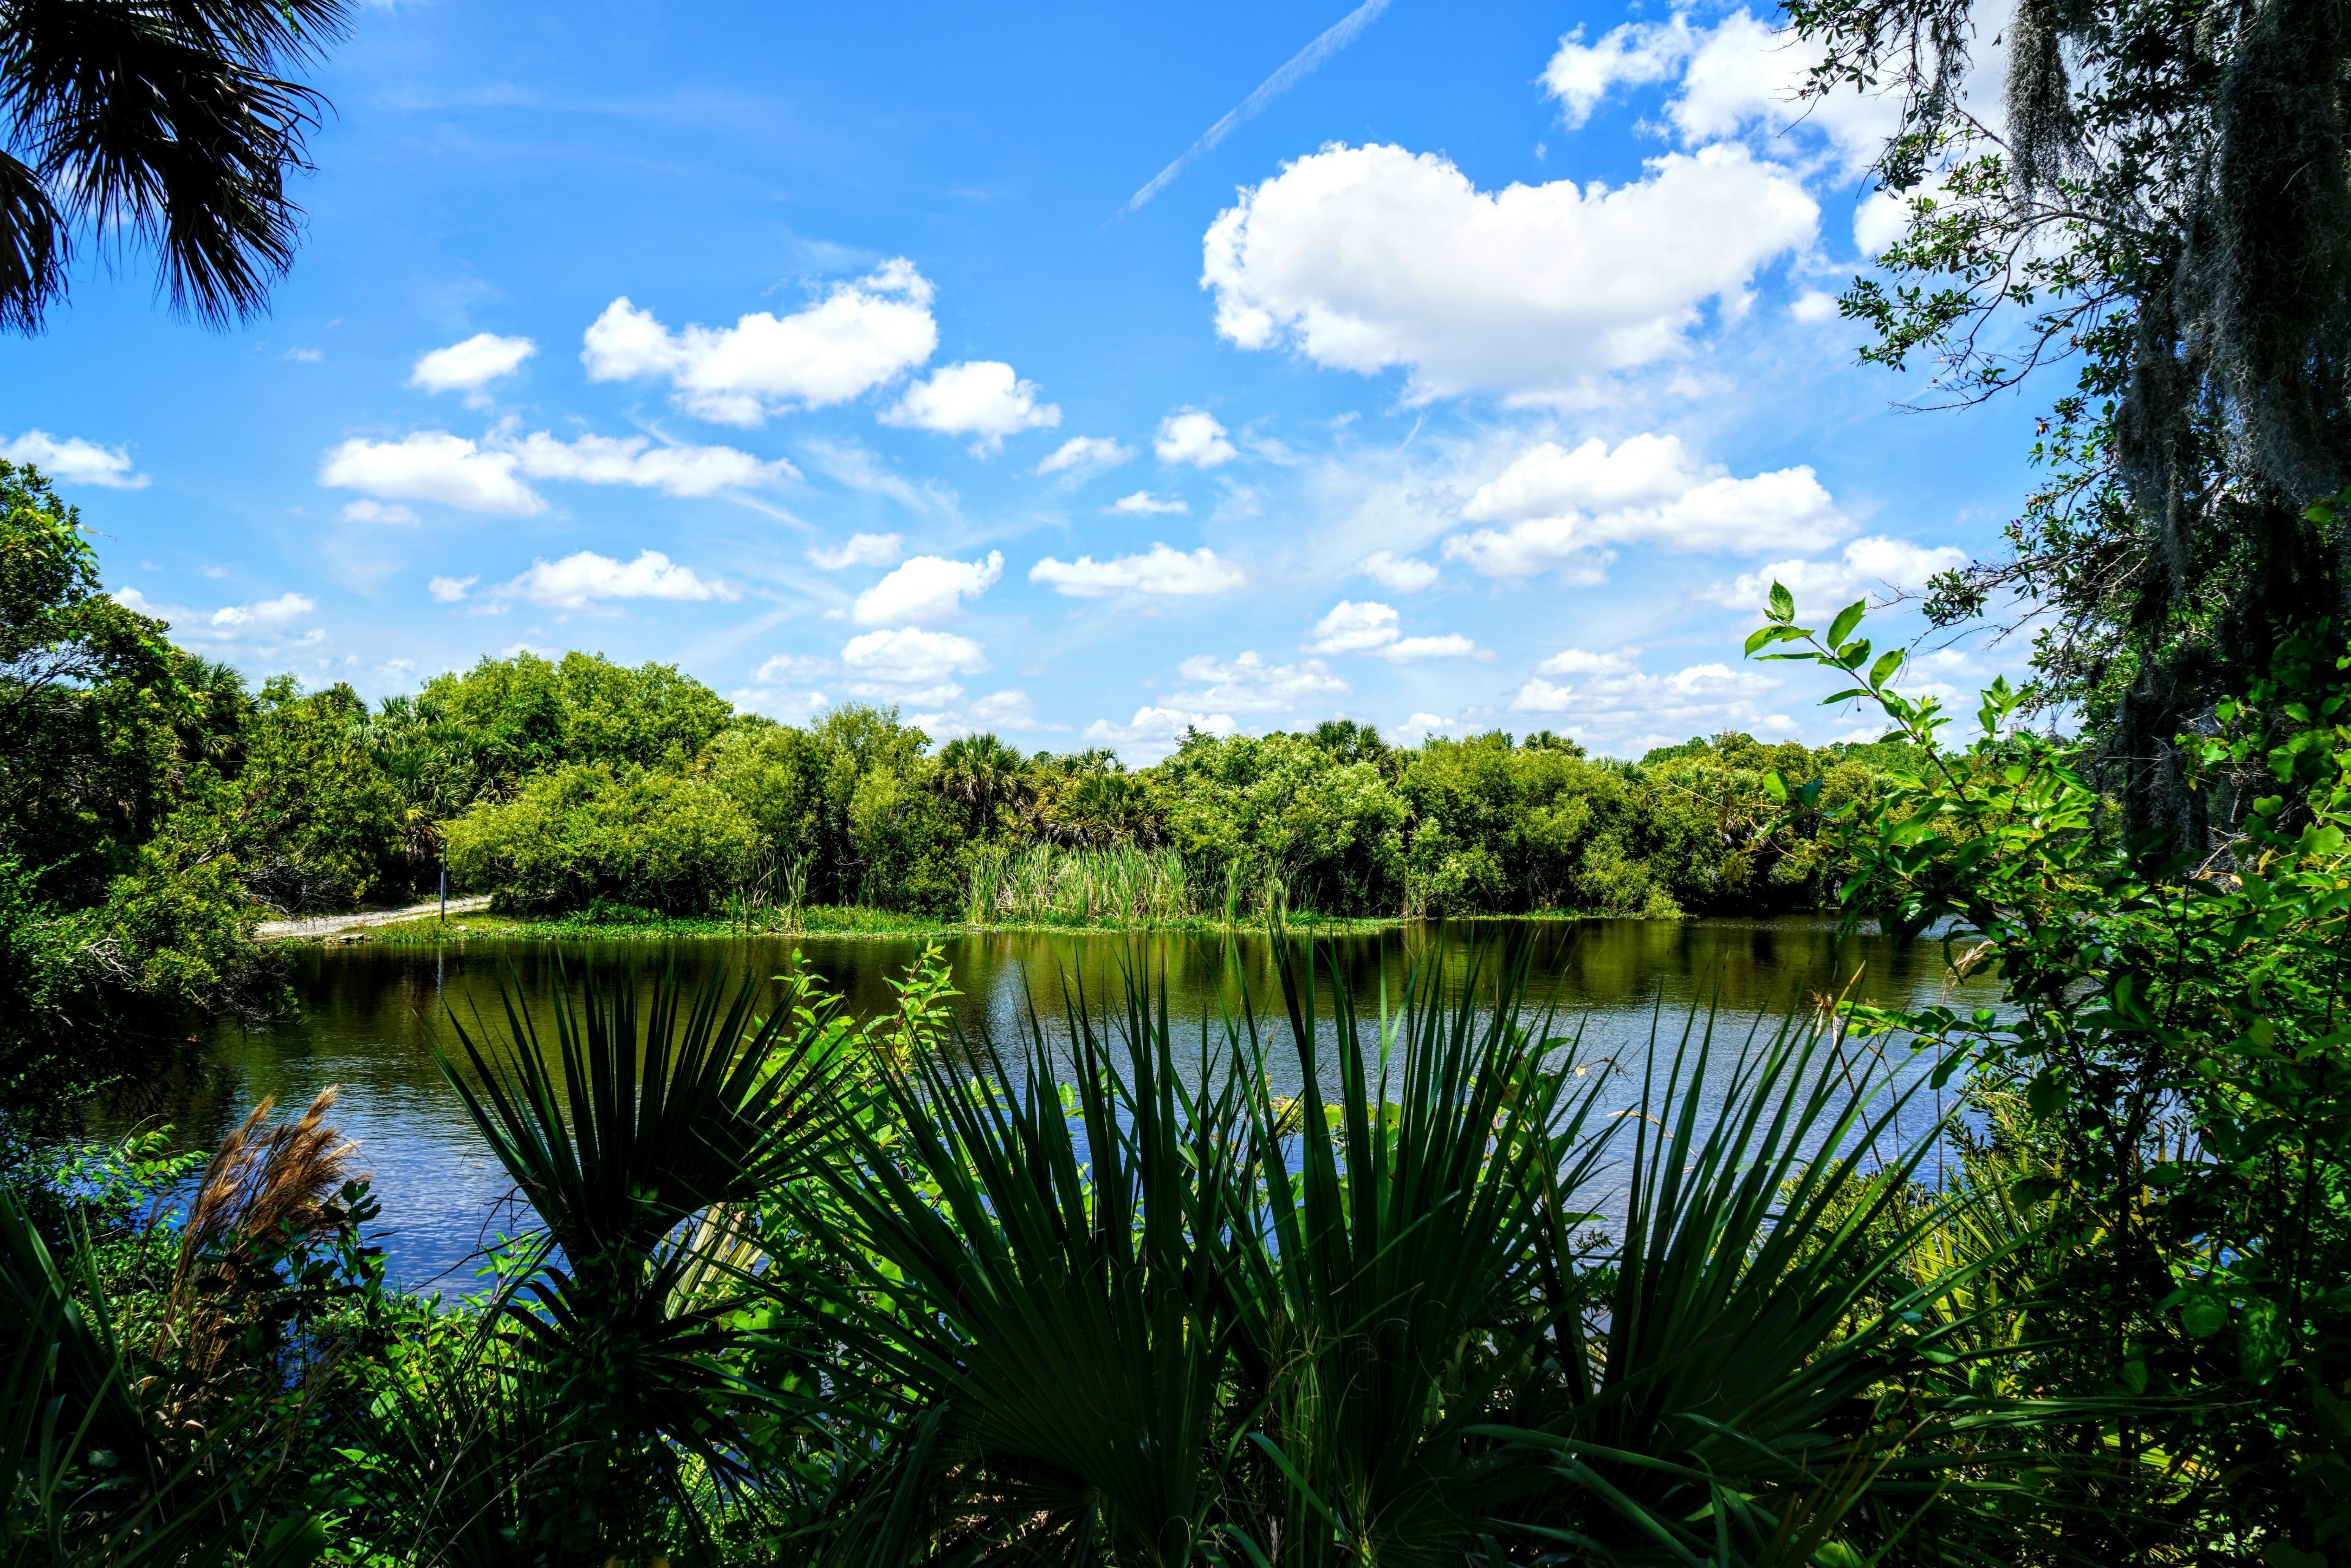 Myakka River State Park, Sarasota, Florida, USA